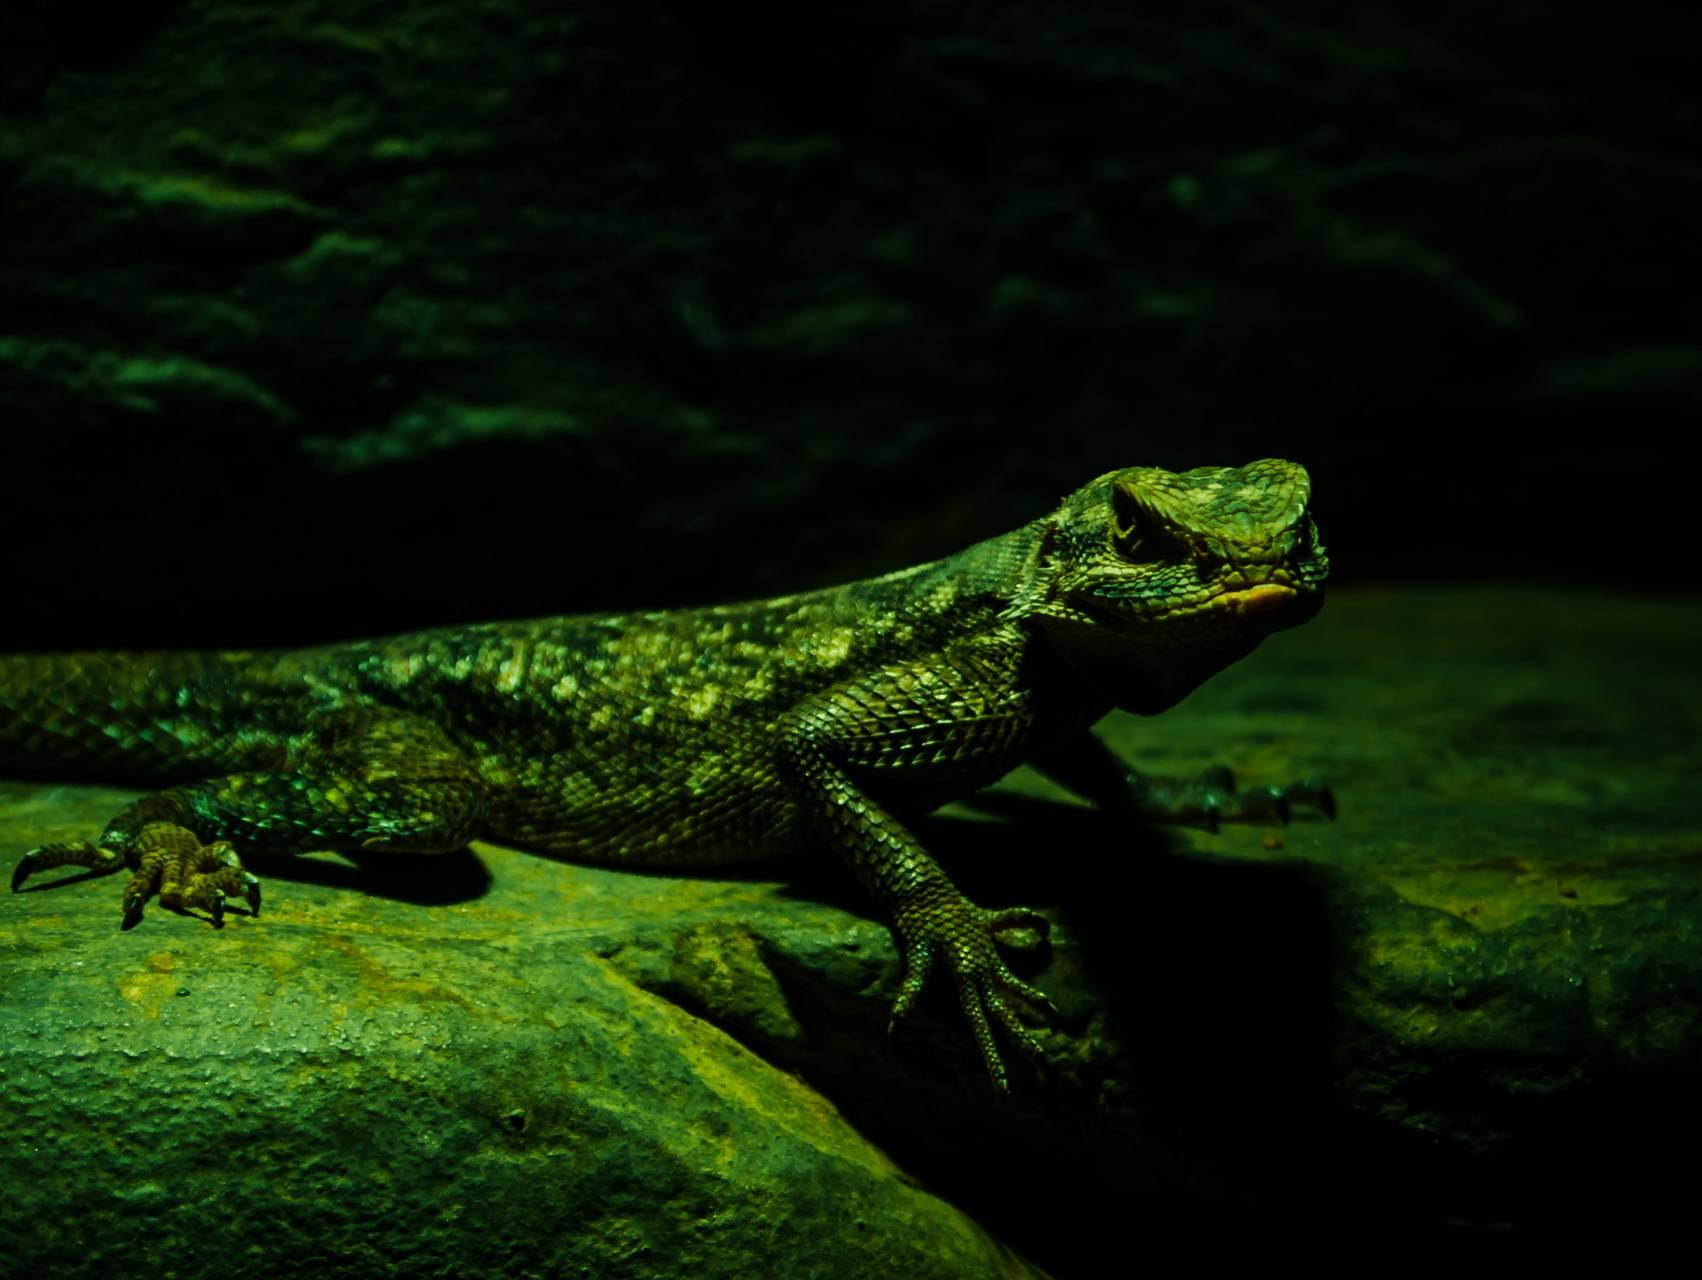 Lizard 320x240